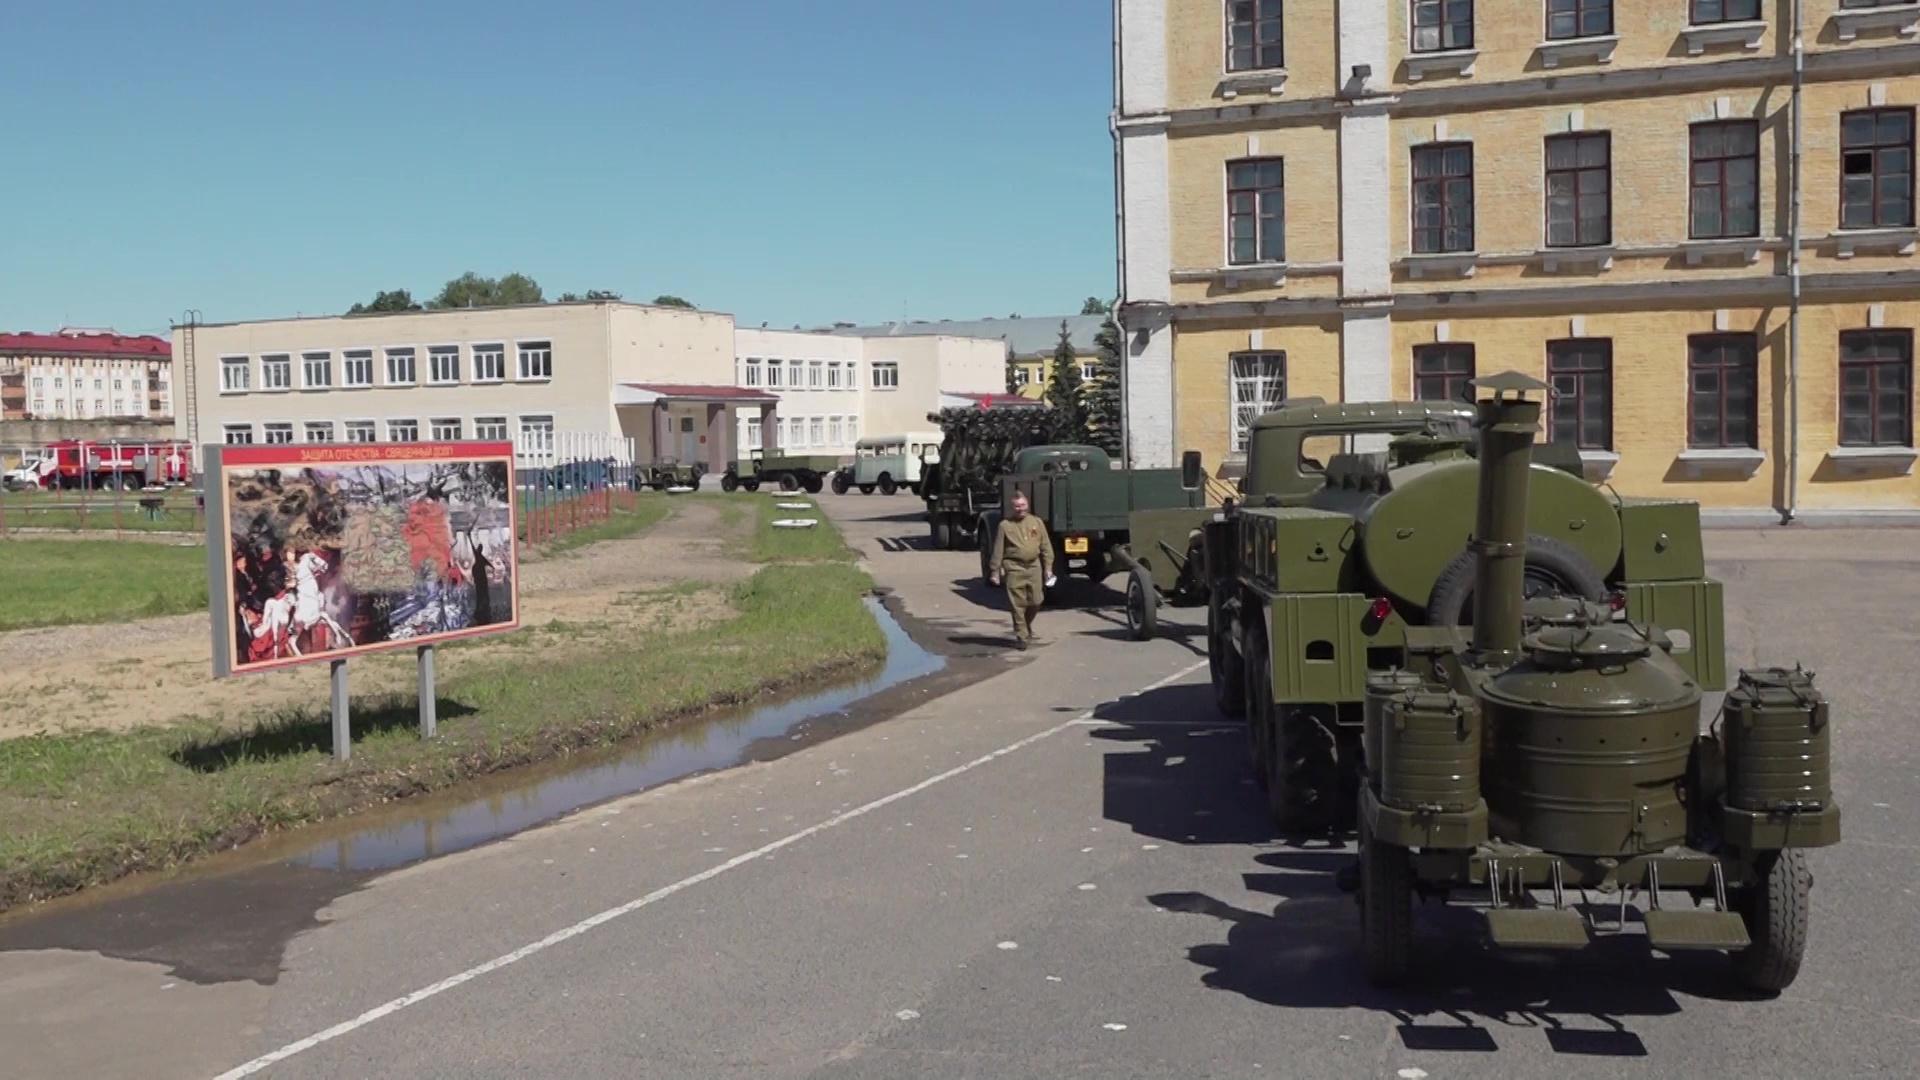 Уникальные машины и пеший строй: в Ярославле отпраздновали юбилей Великой Победы